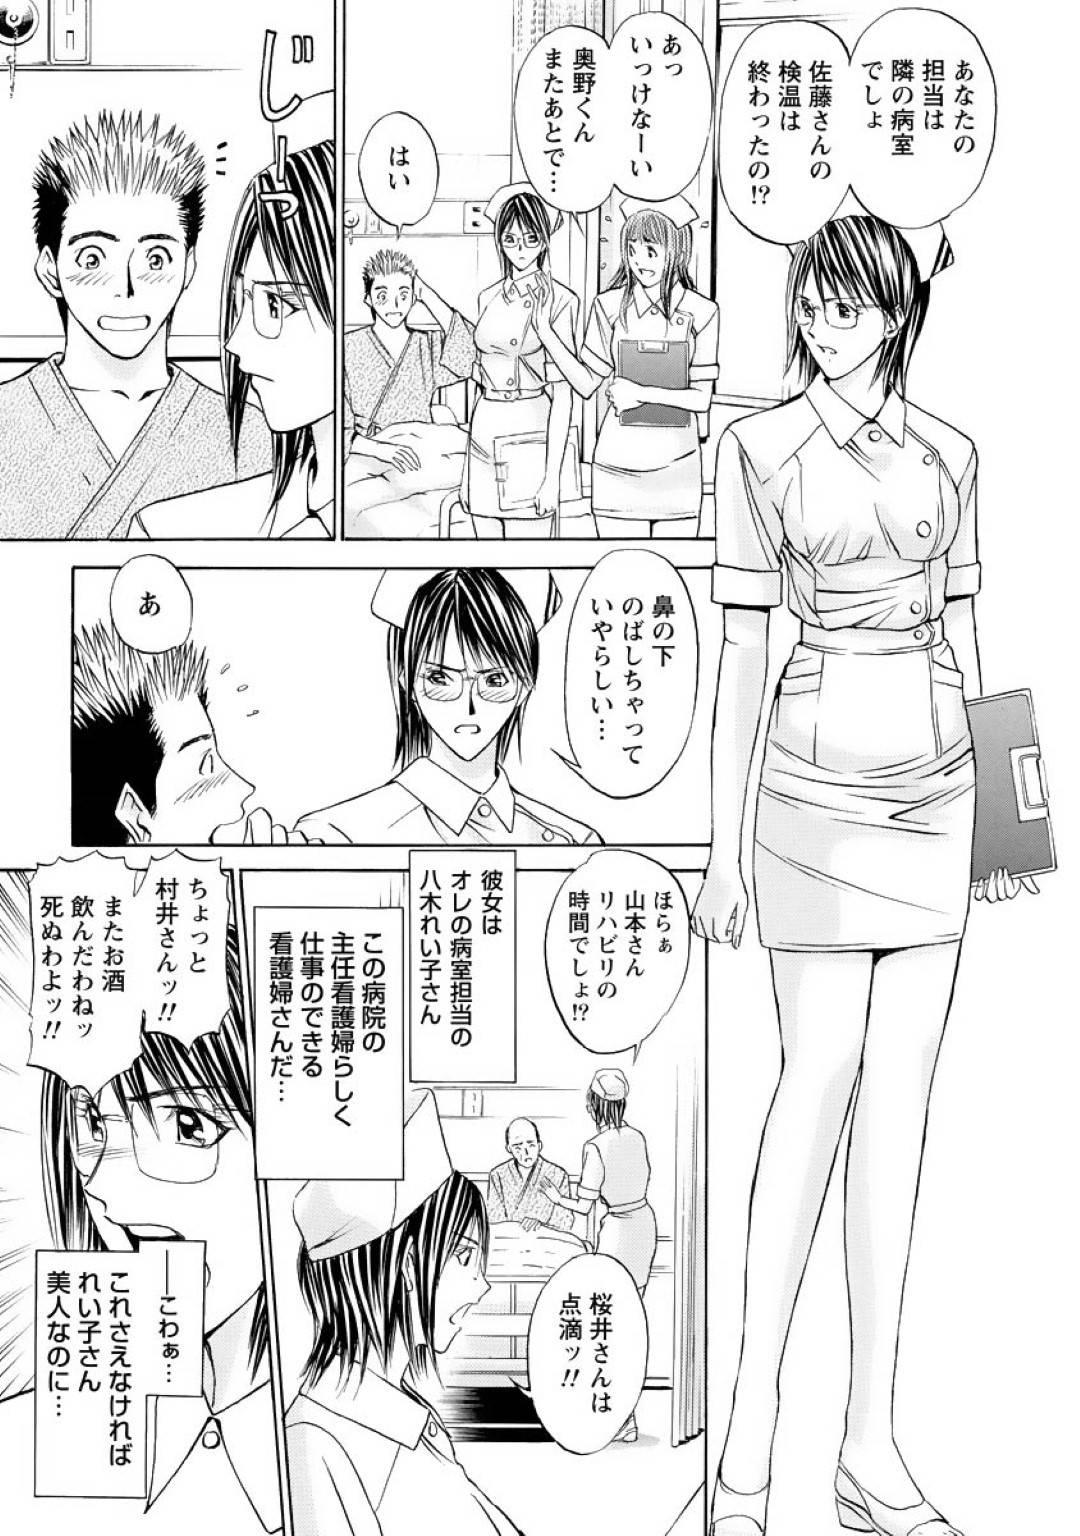 【看護師エロ漫画】食あたりで倒れ病院に運ばれた主人公はメガネのセクシー看護師に夜這いされる!若い看護師もやってきて二人に全身ご奉仕フェラされ3P生ハメセックスすることになる。【安達拓実】